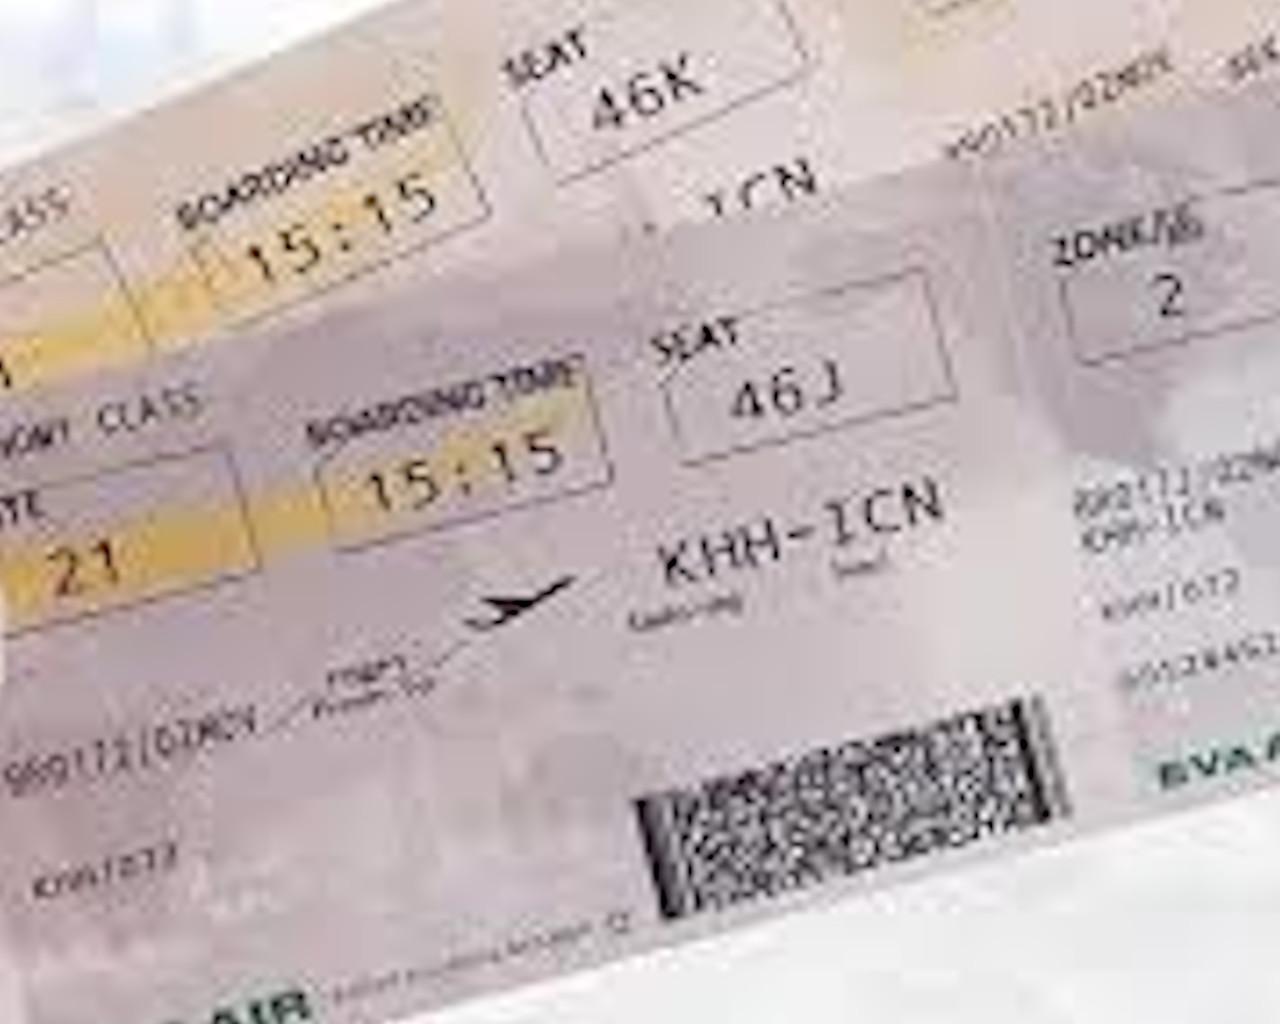 εισιτηρια,εισιτηρια κτελ,εισιτηρια αγκιστρι,εισιτηρια αιγινα,εισιτηρια πλοιων,εισιτηρια ηγουμενιτσα κερκυρα,εισιτηρια ακτοπλοικα,εισιτηρια αεροπορικα,εισιτηρια aegean